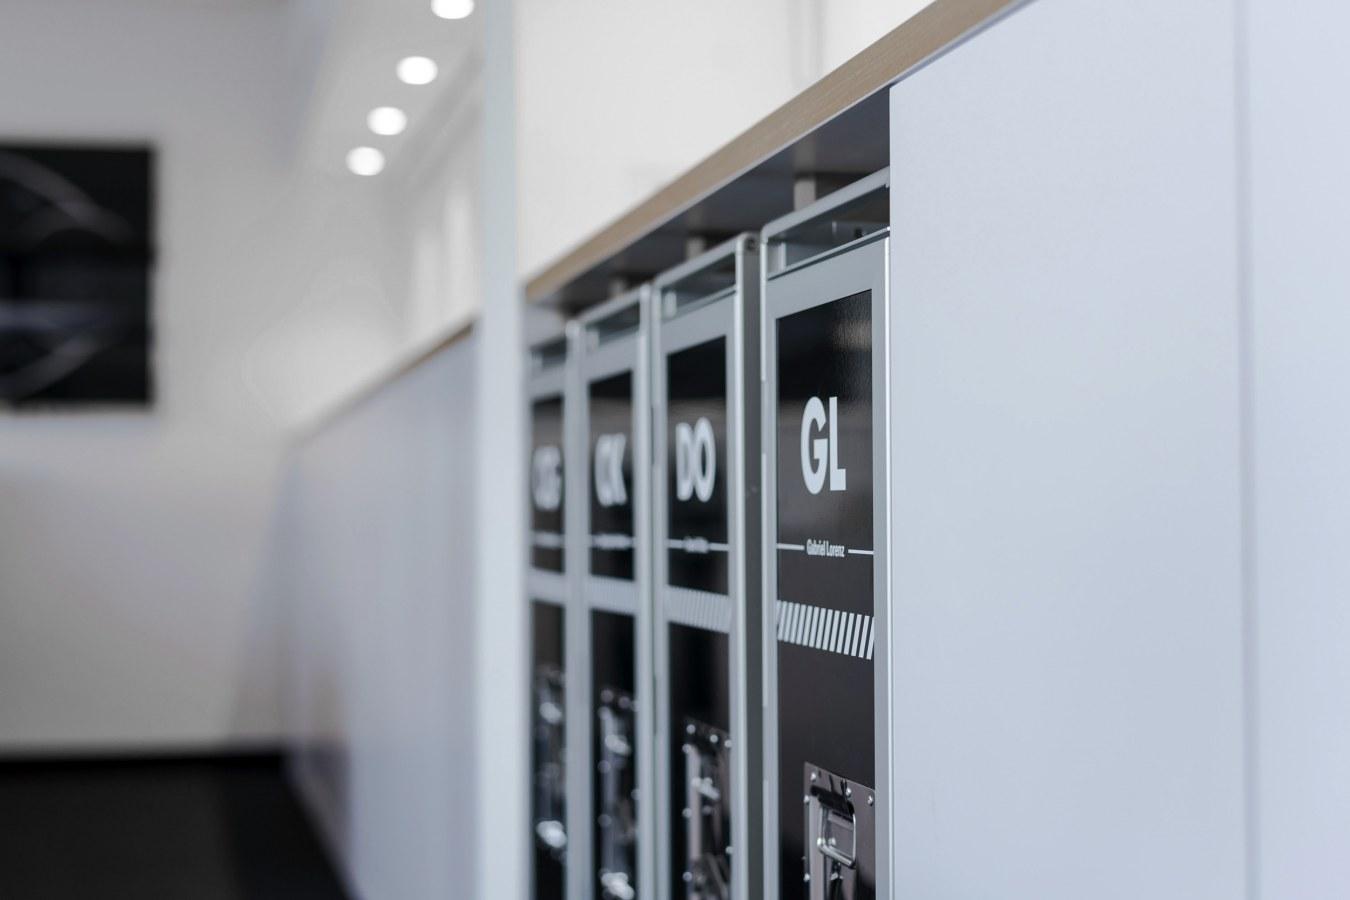 Isabell-Ehring-Innenarchitektur-Stuttgart---Umbau-Buero-STAUD-STUDIOS-3-2.jpg